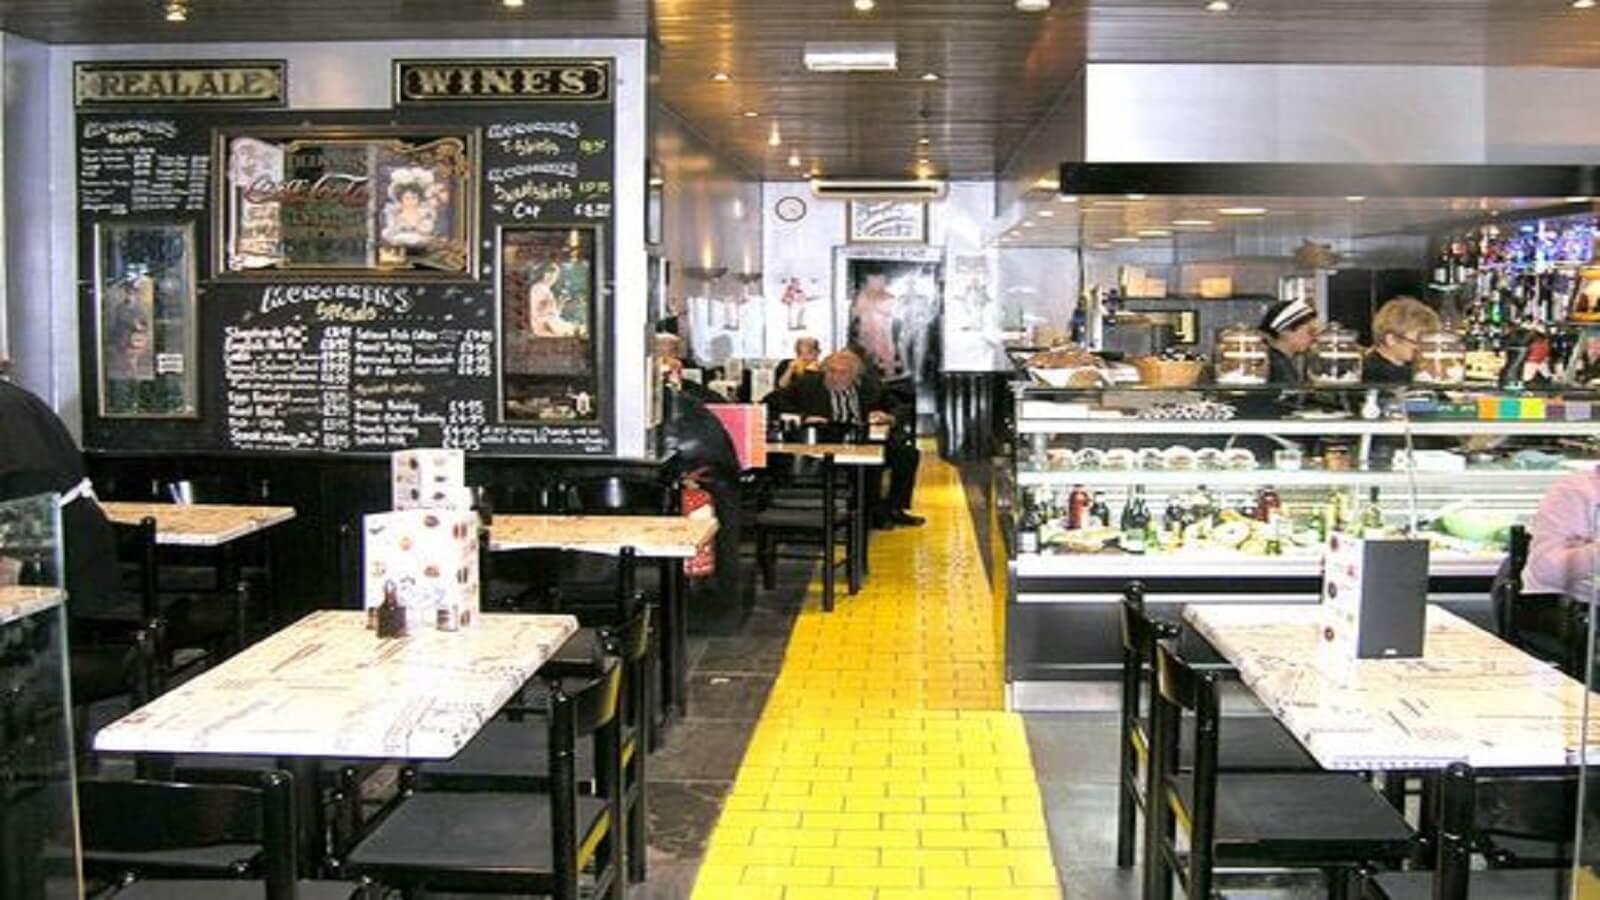 Munchkins Restaurant